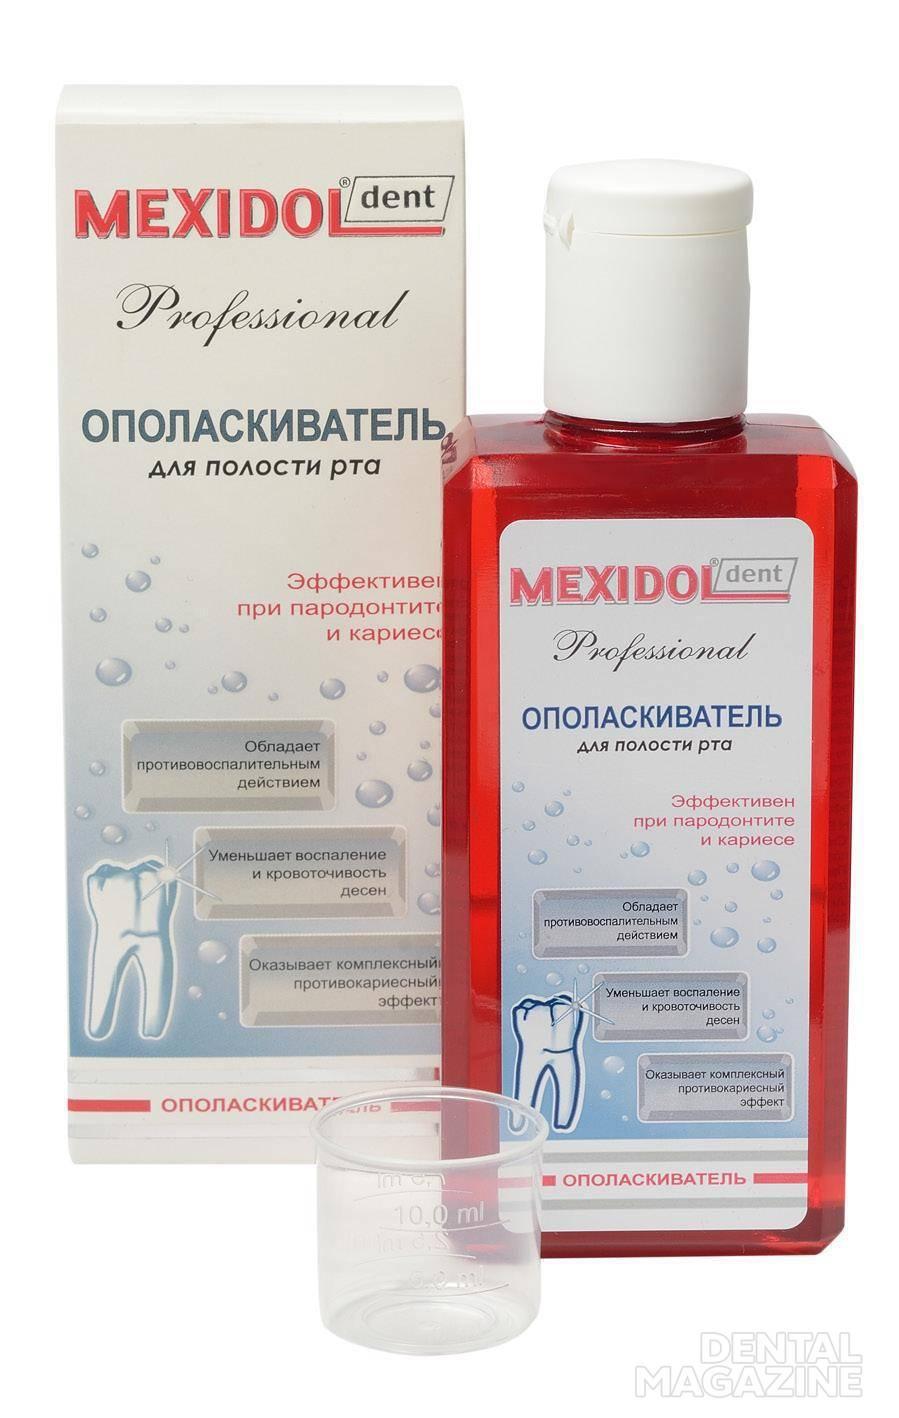 Рис. 2.Ополаскиватель Mexidol Dent Professional.